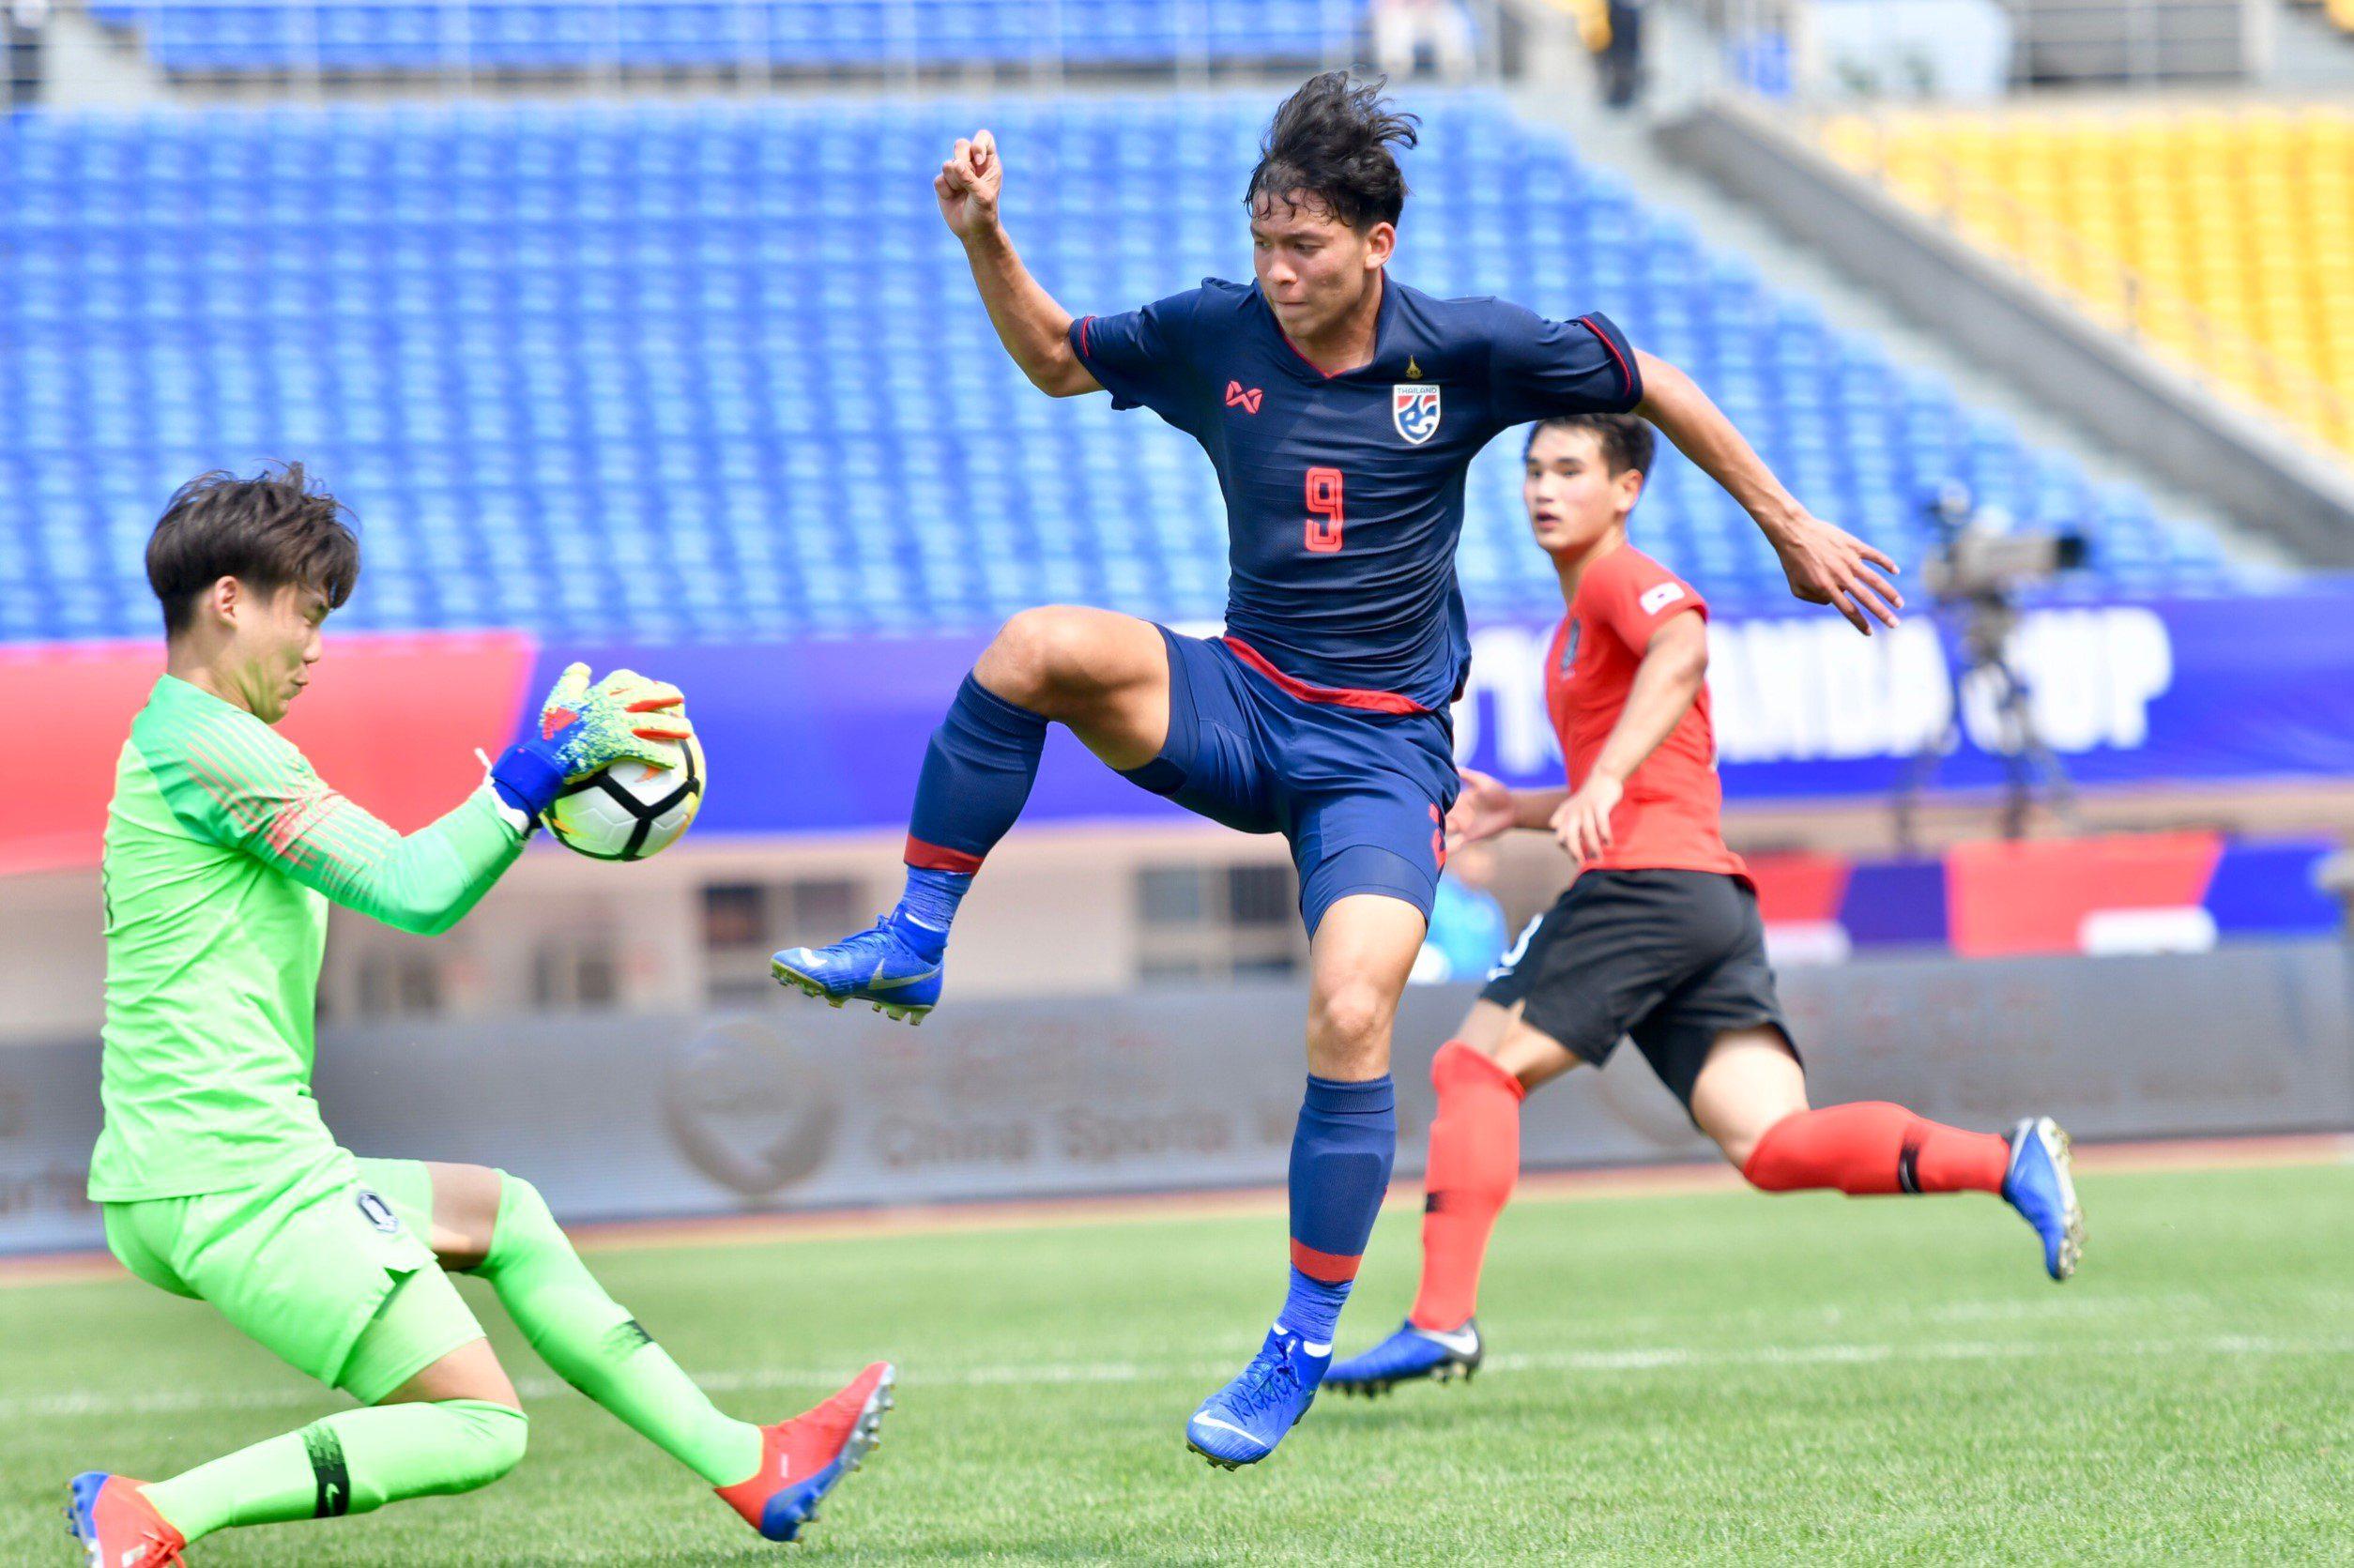 เสียประตูเร็ว! ช้างศึก U19 พ่ายเกาหลีใต้ 1-2  ประเดิมแพนด้า คัพ